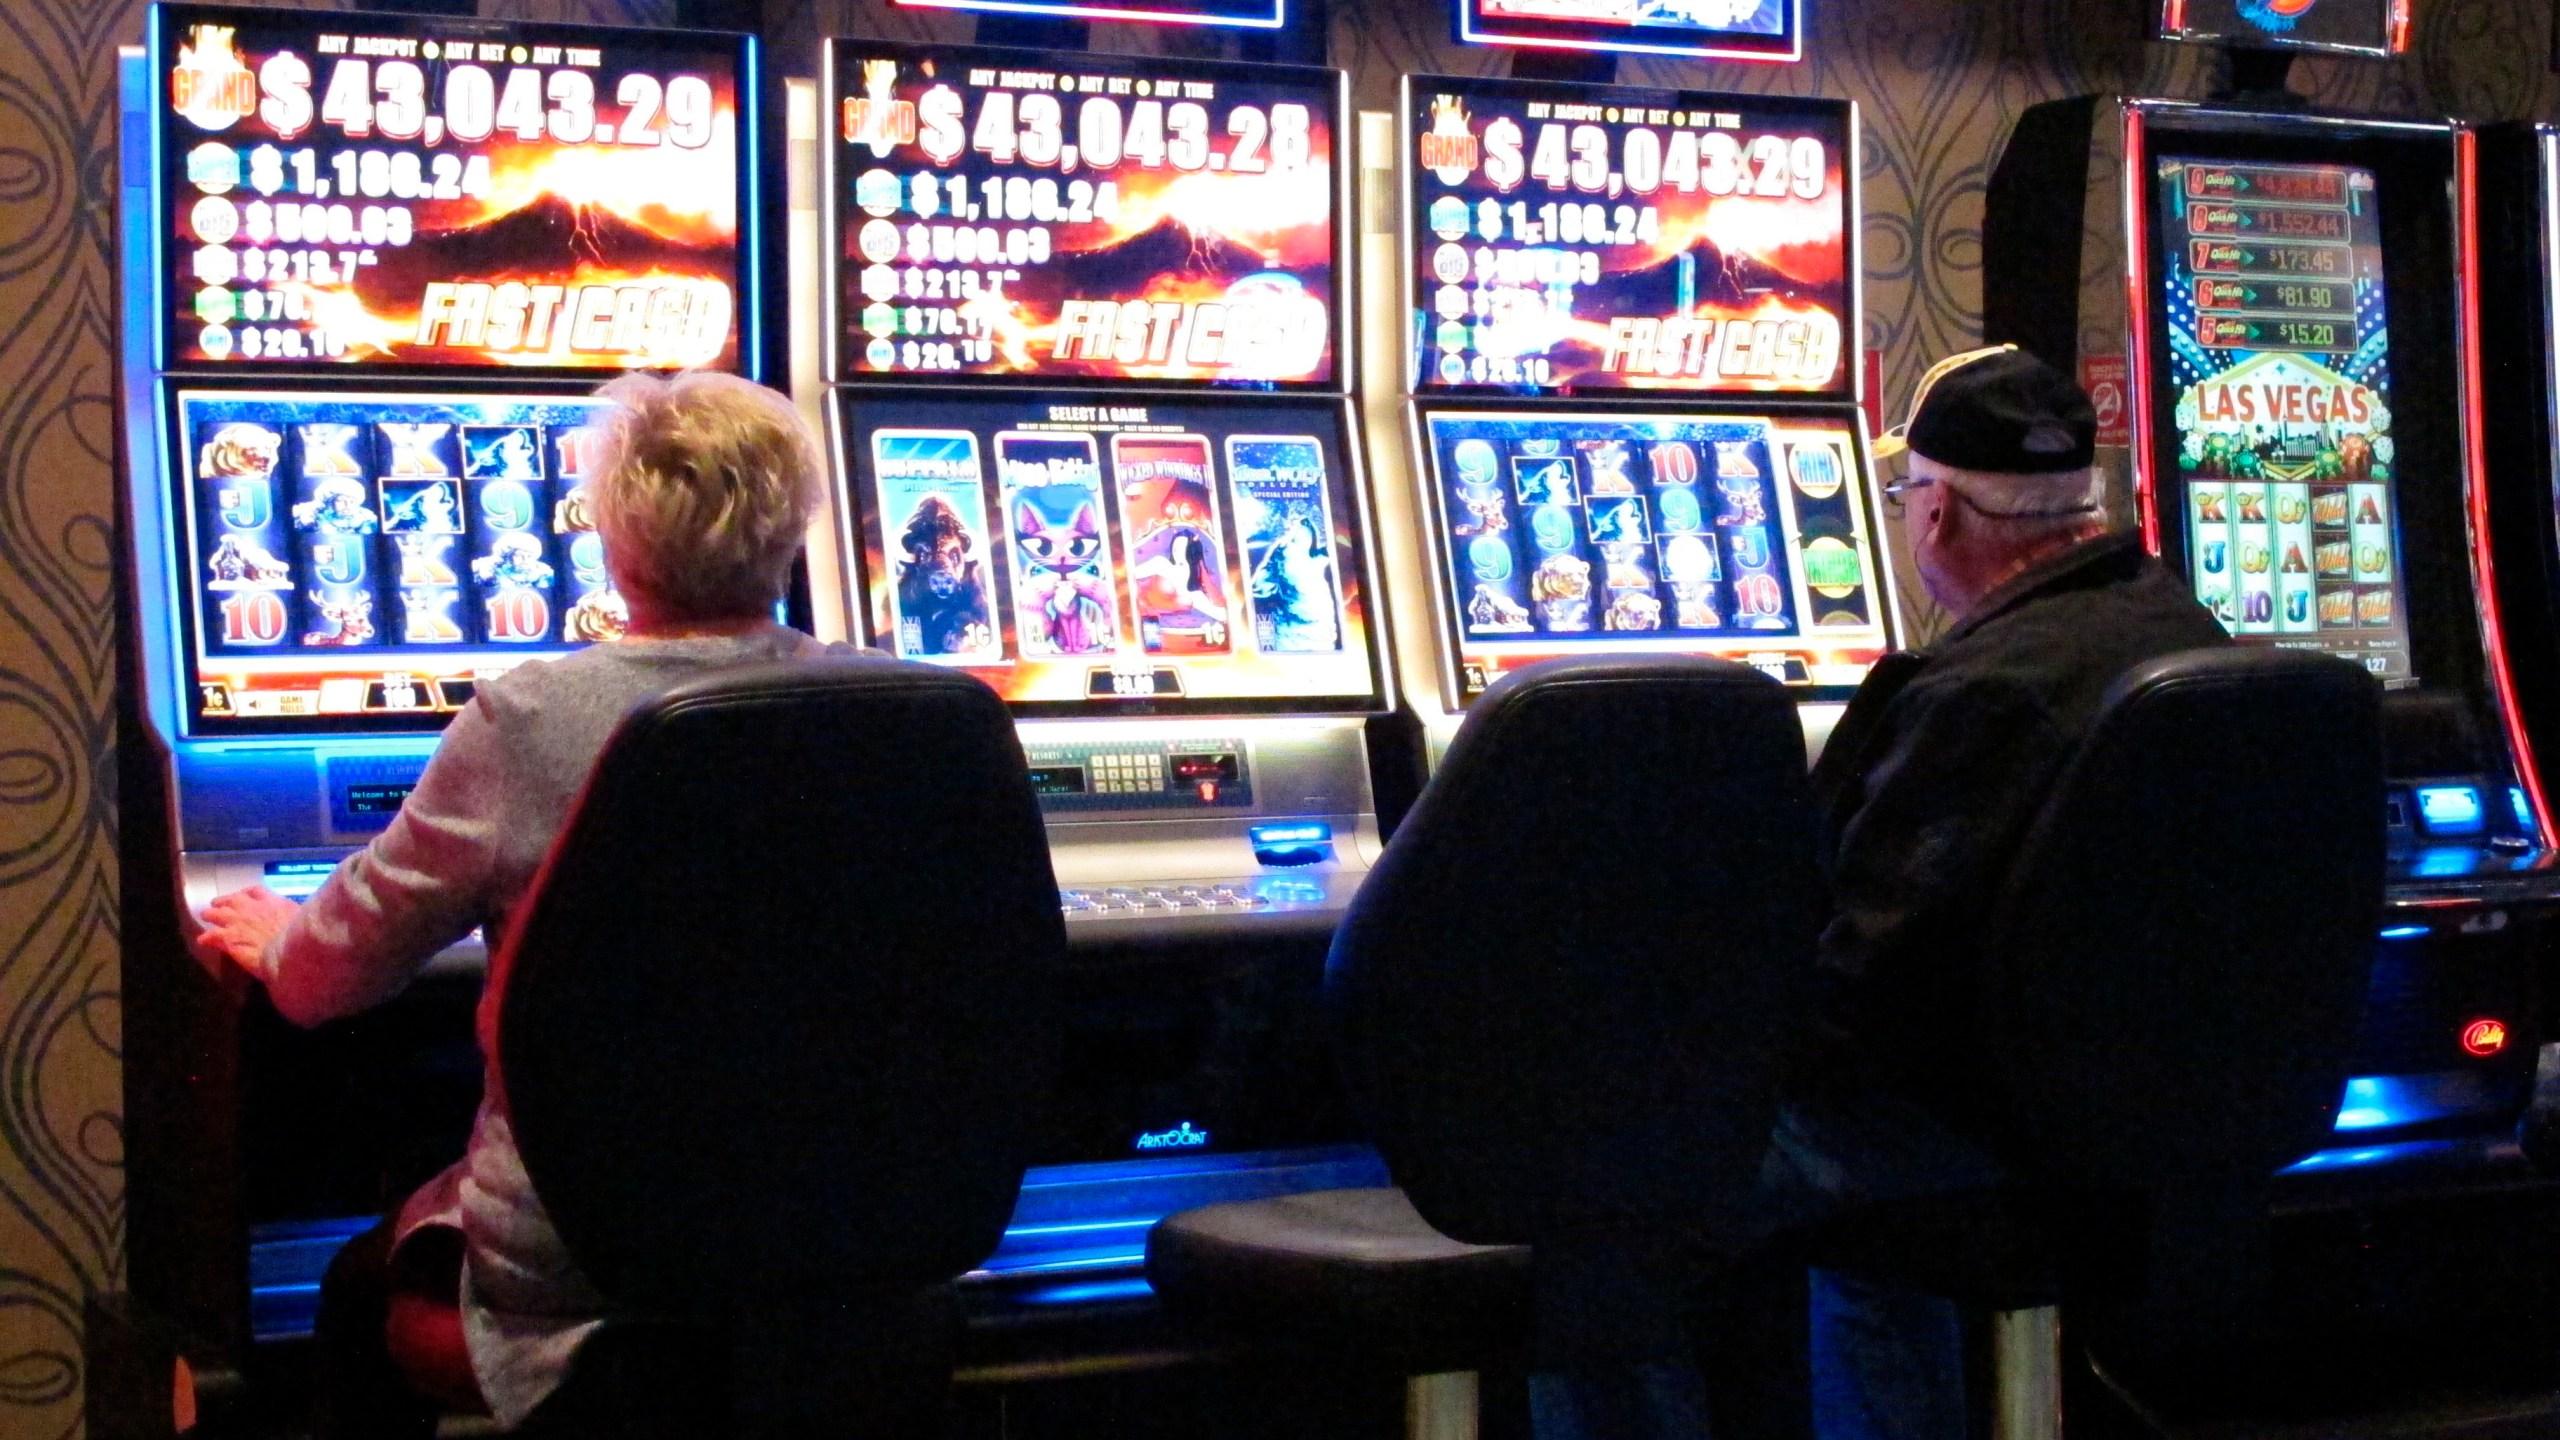 Earns_Atlantic_City_Casinos_26547-159532.jpg93777729